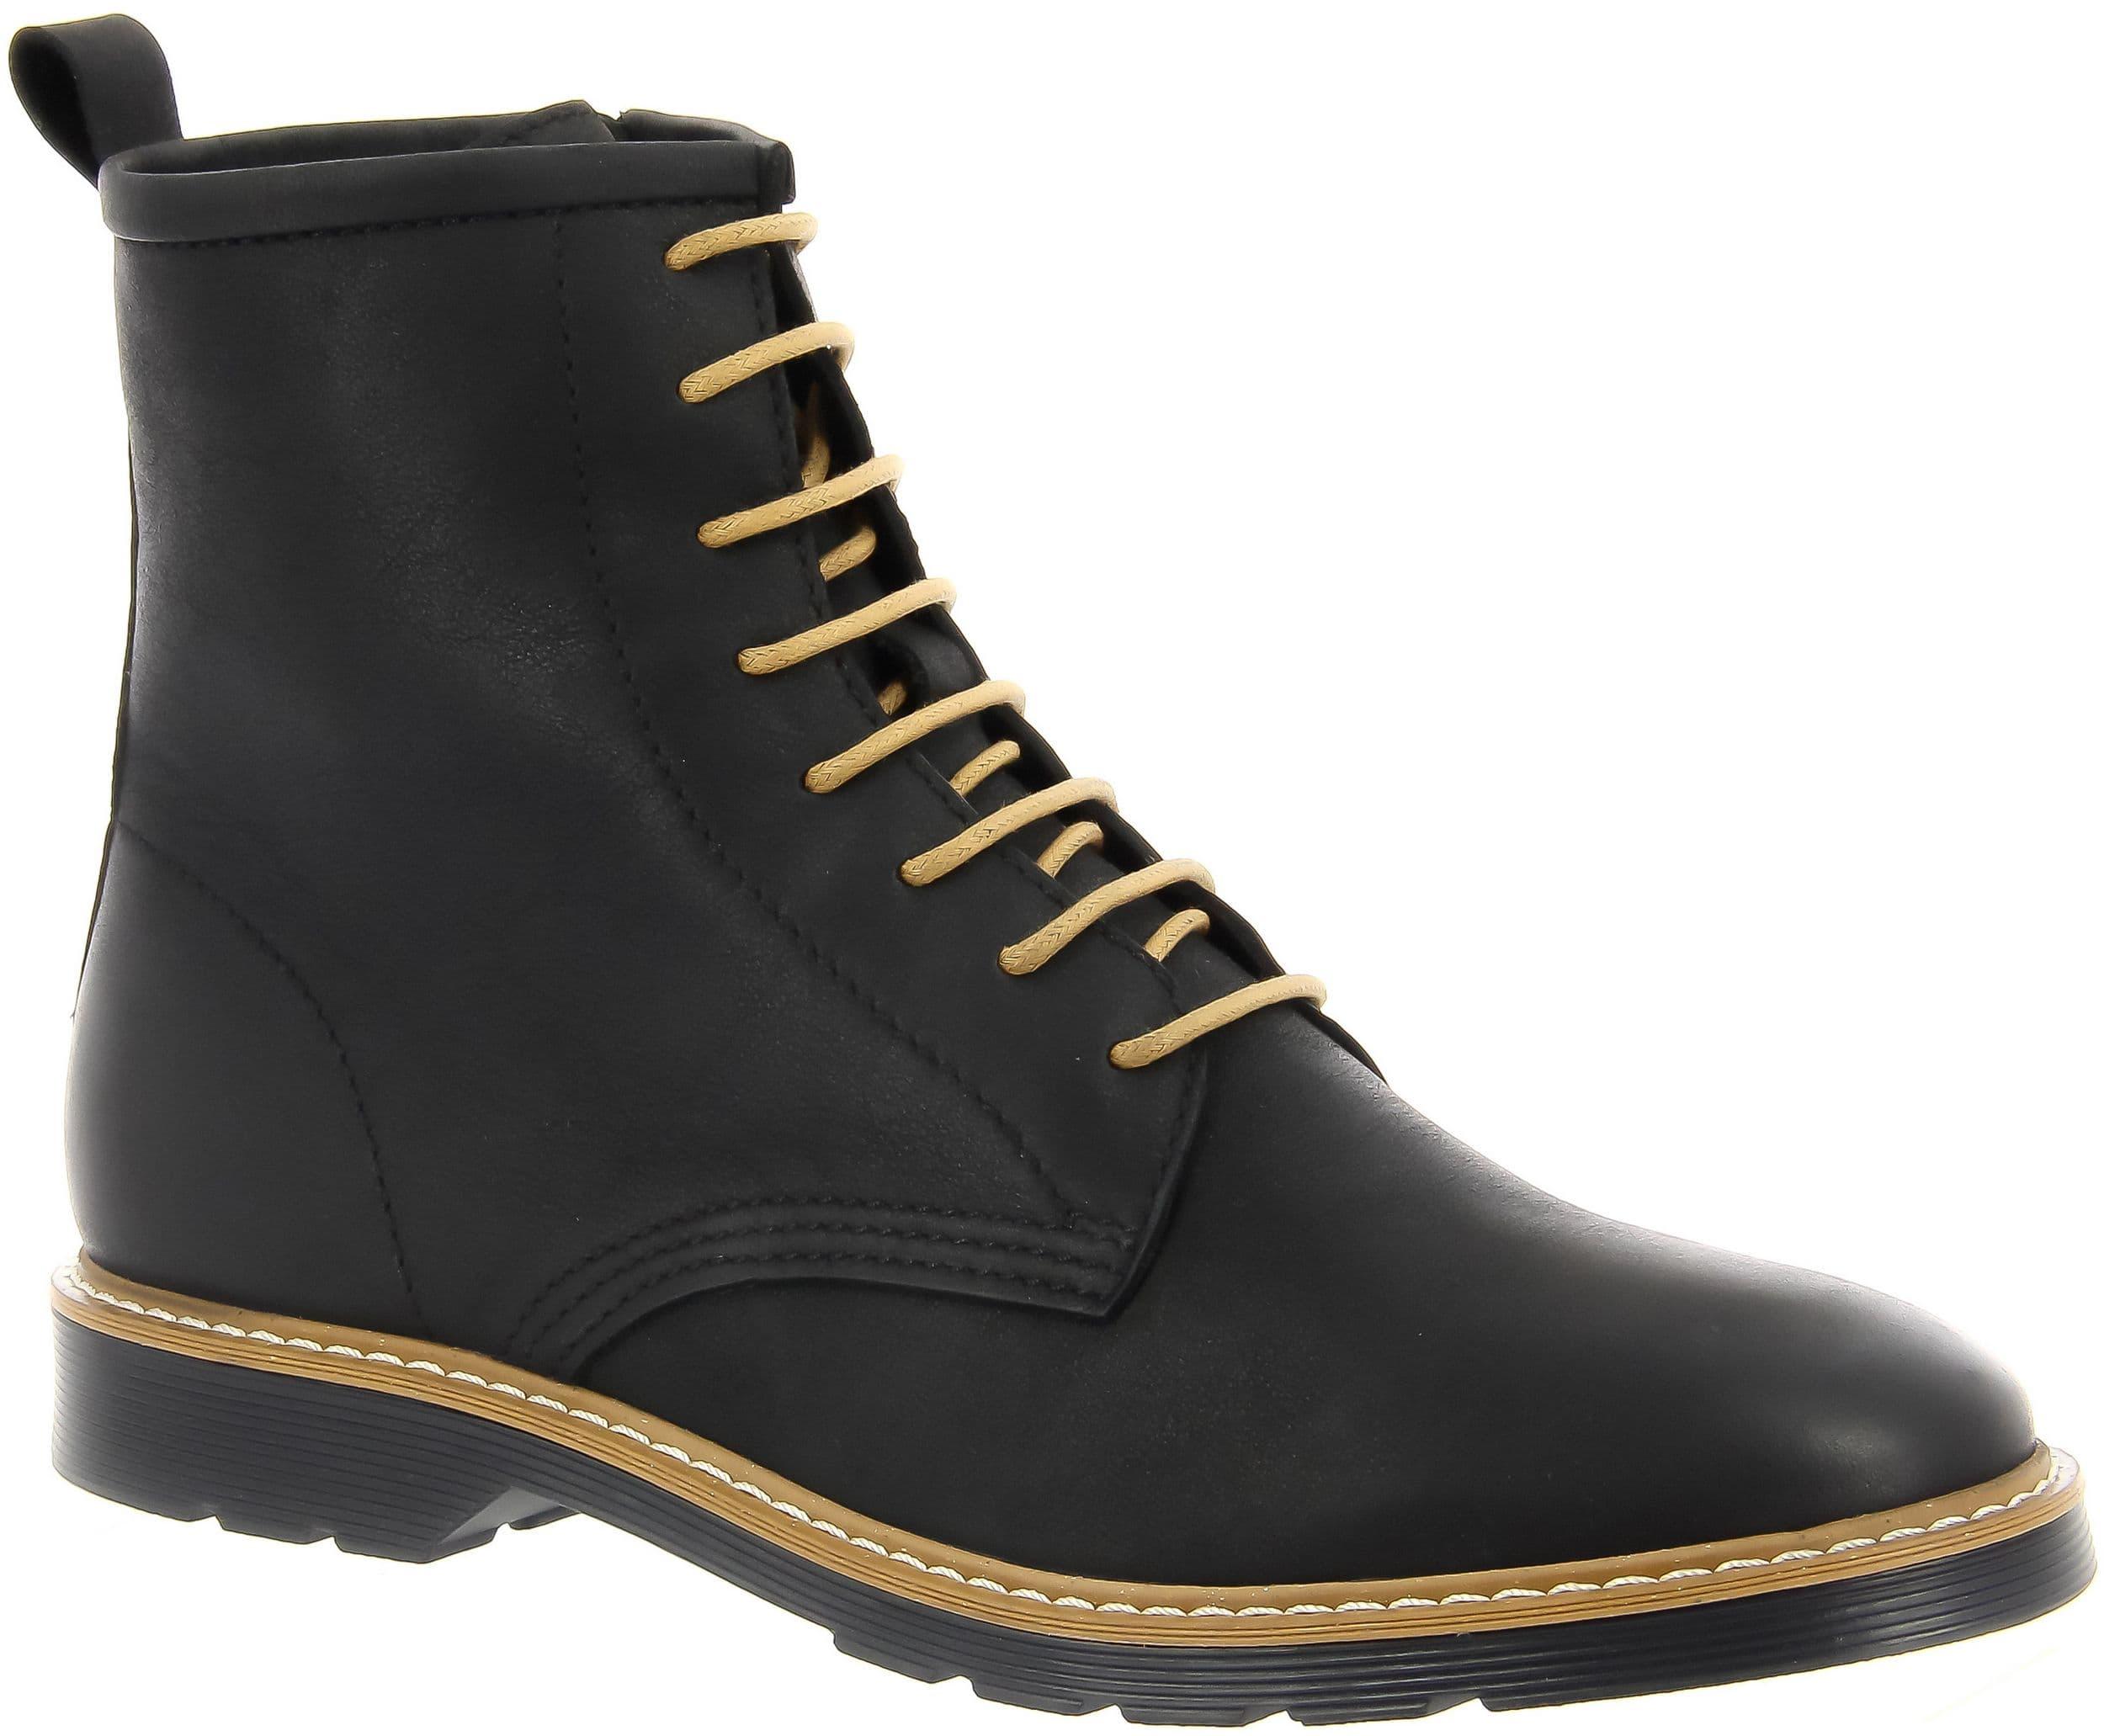 Высокие ботинки женские LETTY (цвет черный, натуральная кожа ... e00d6d7cb50